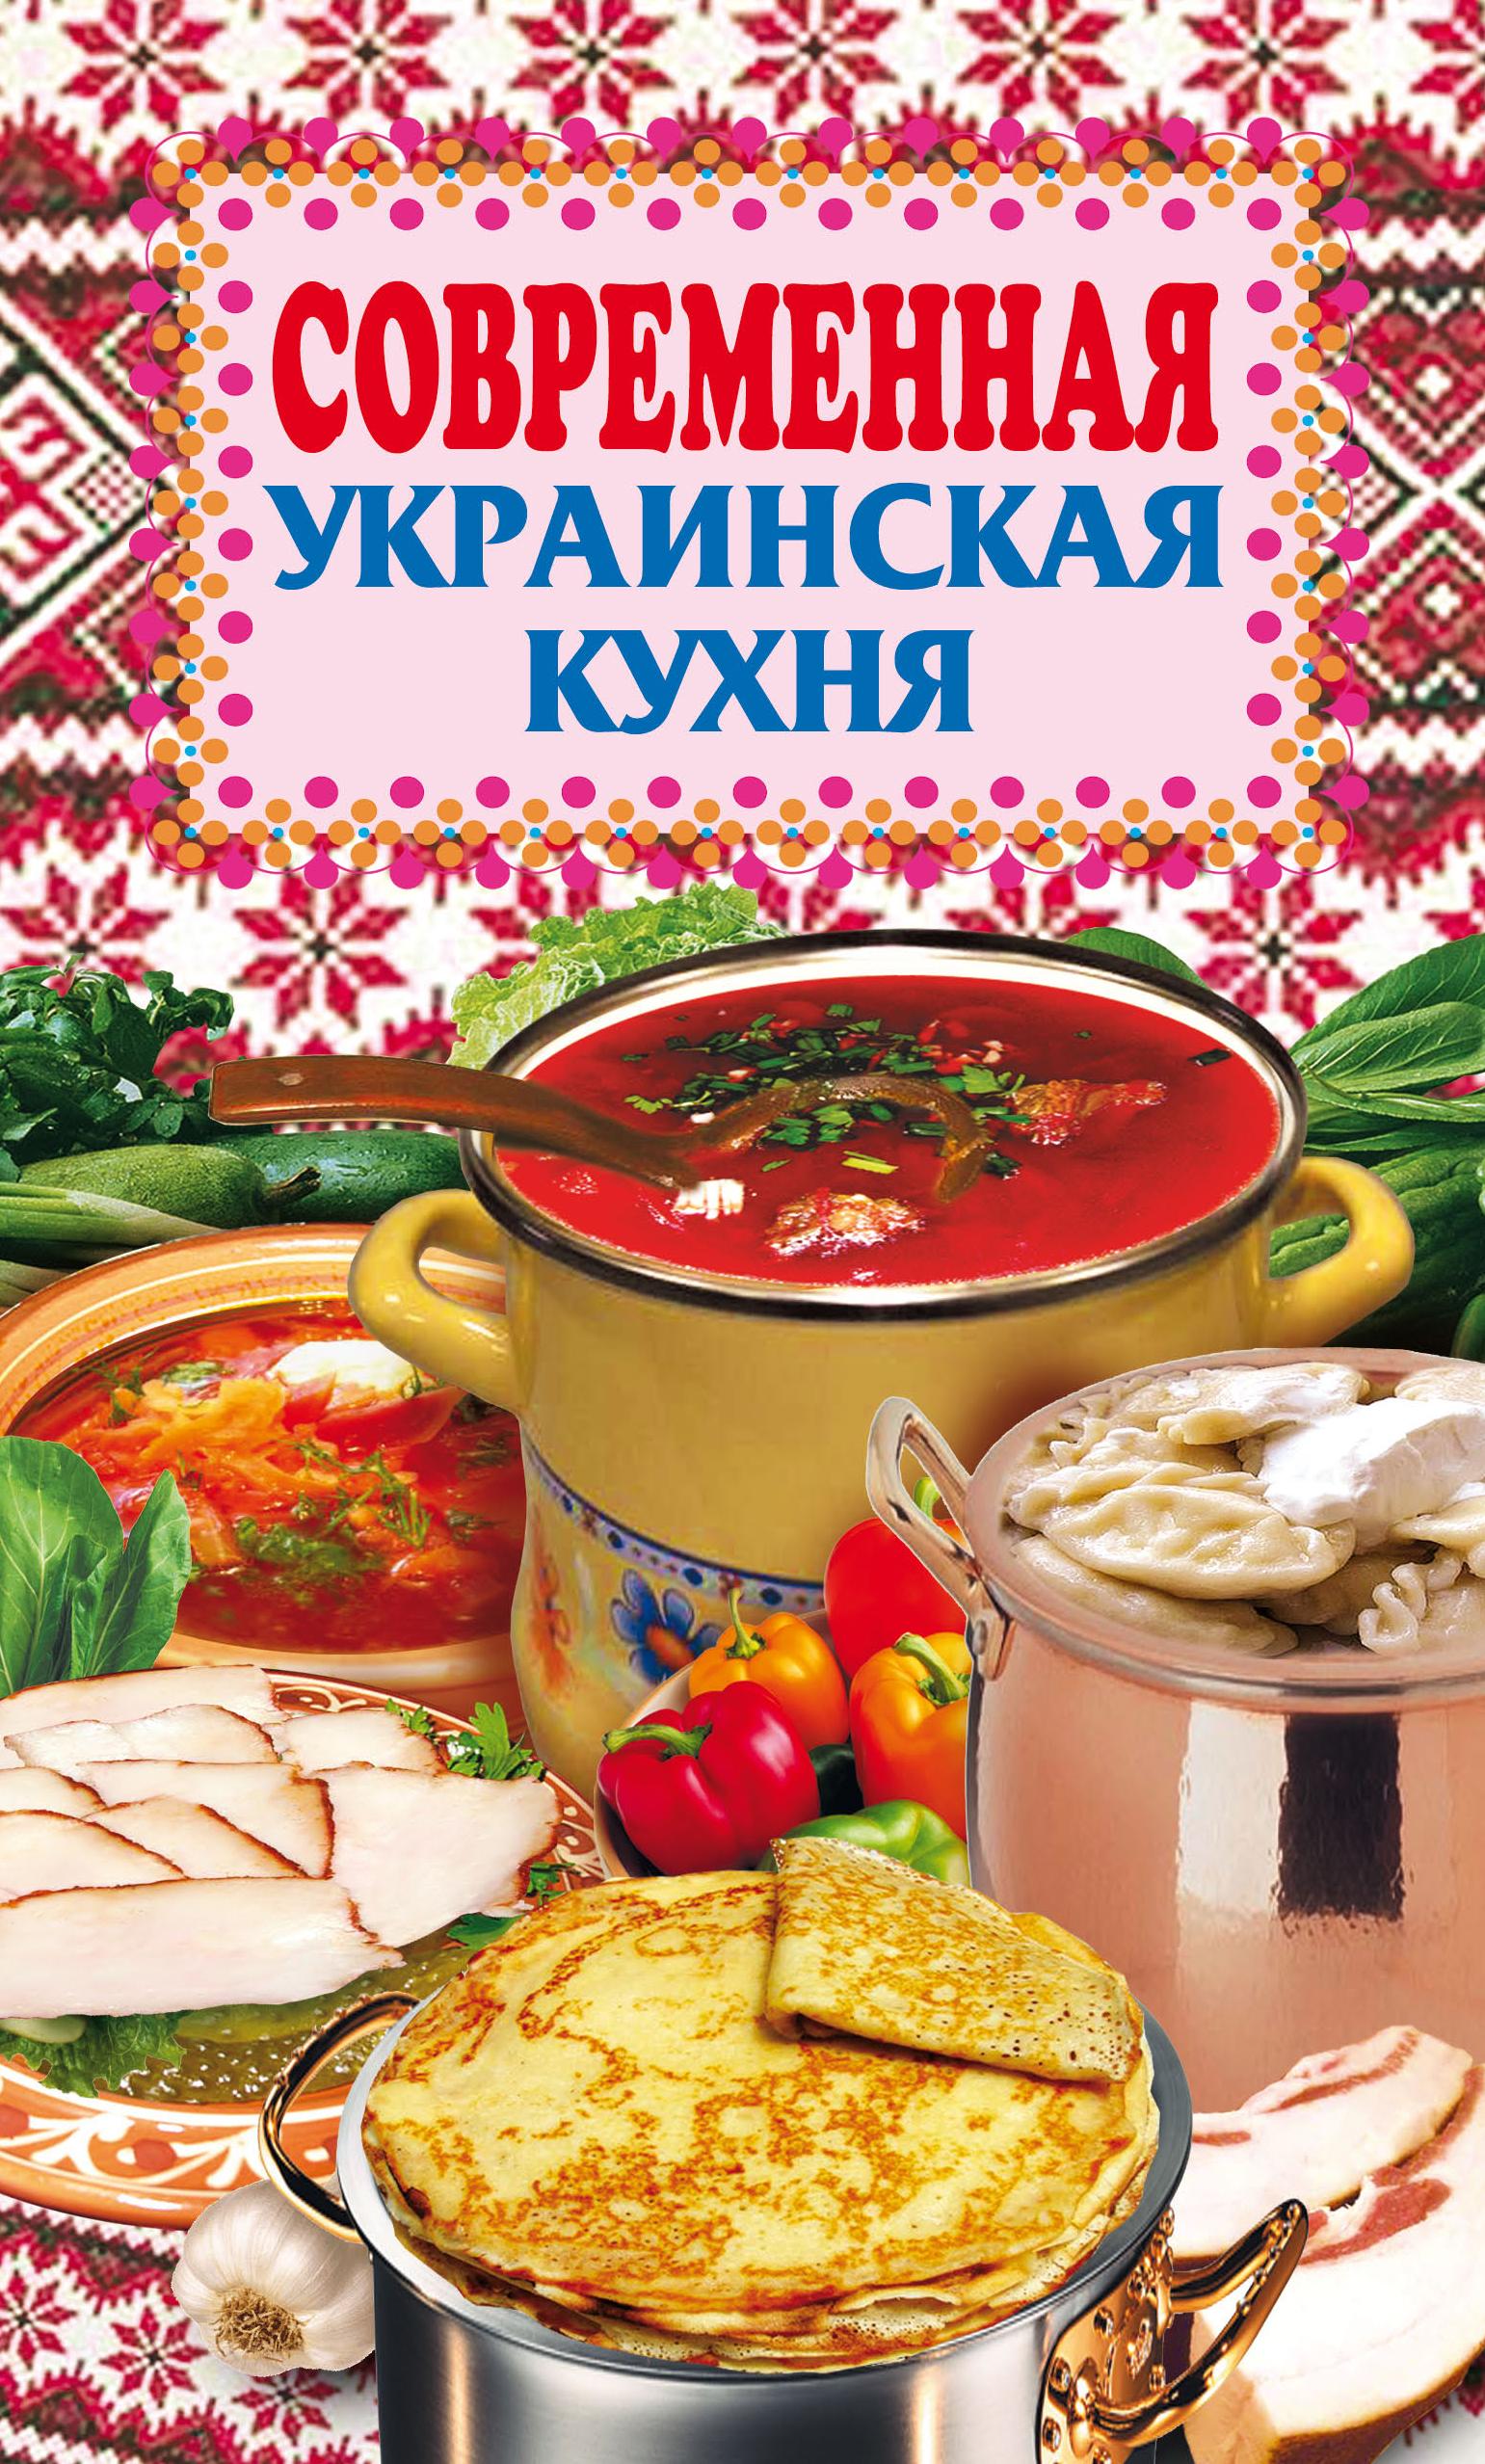 самым въездом русской кухни онлайн кажется